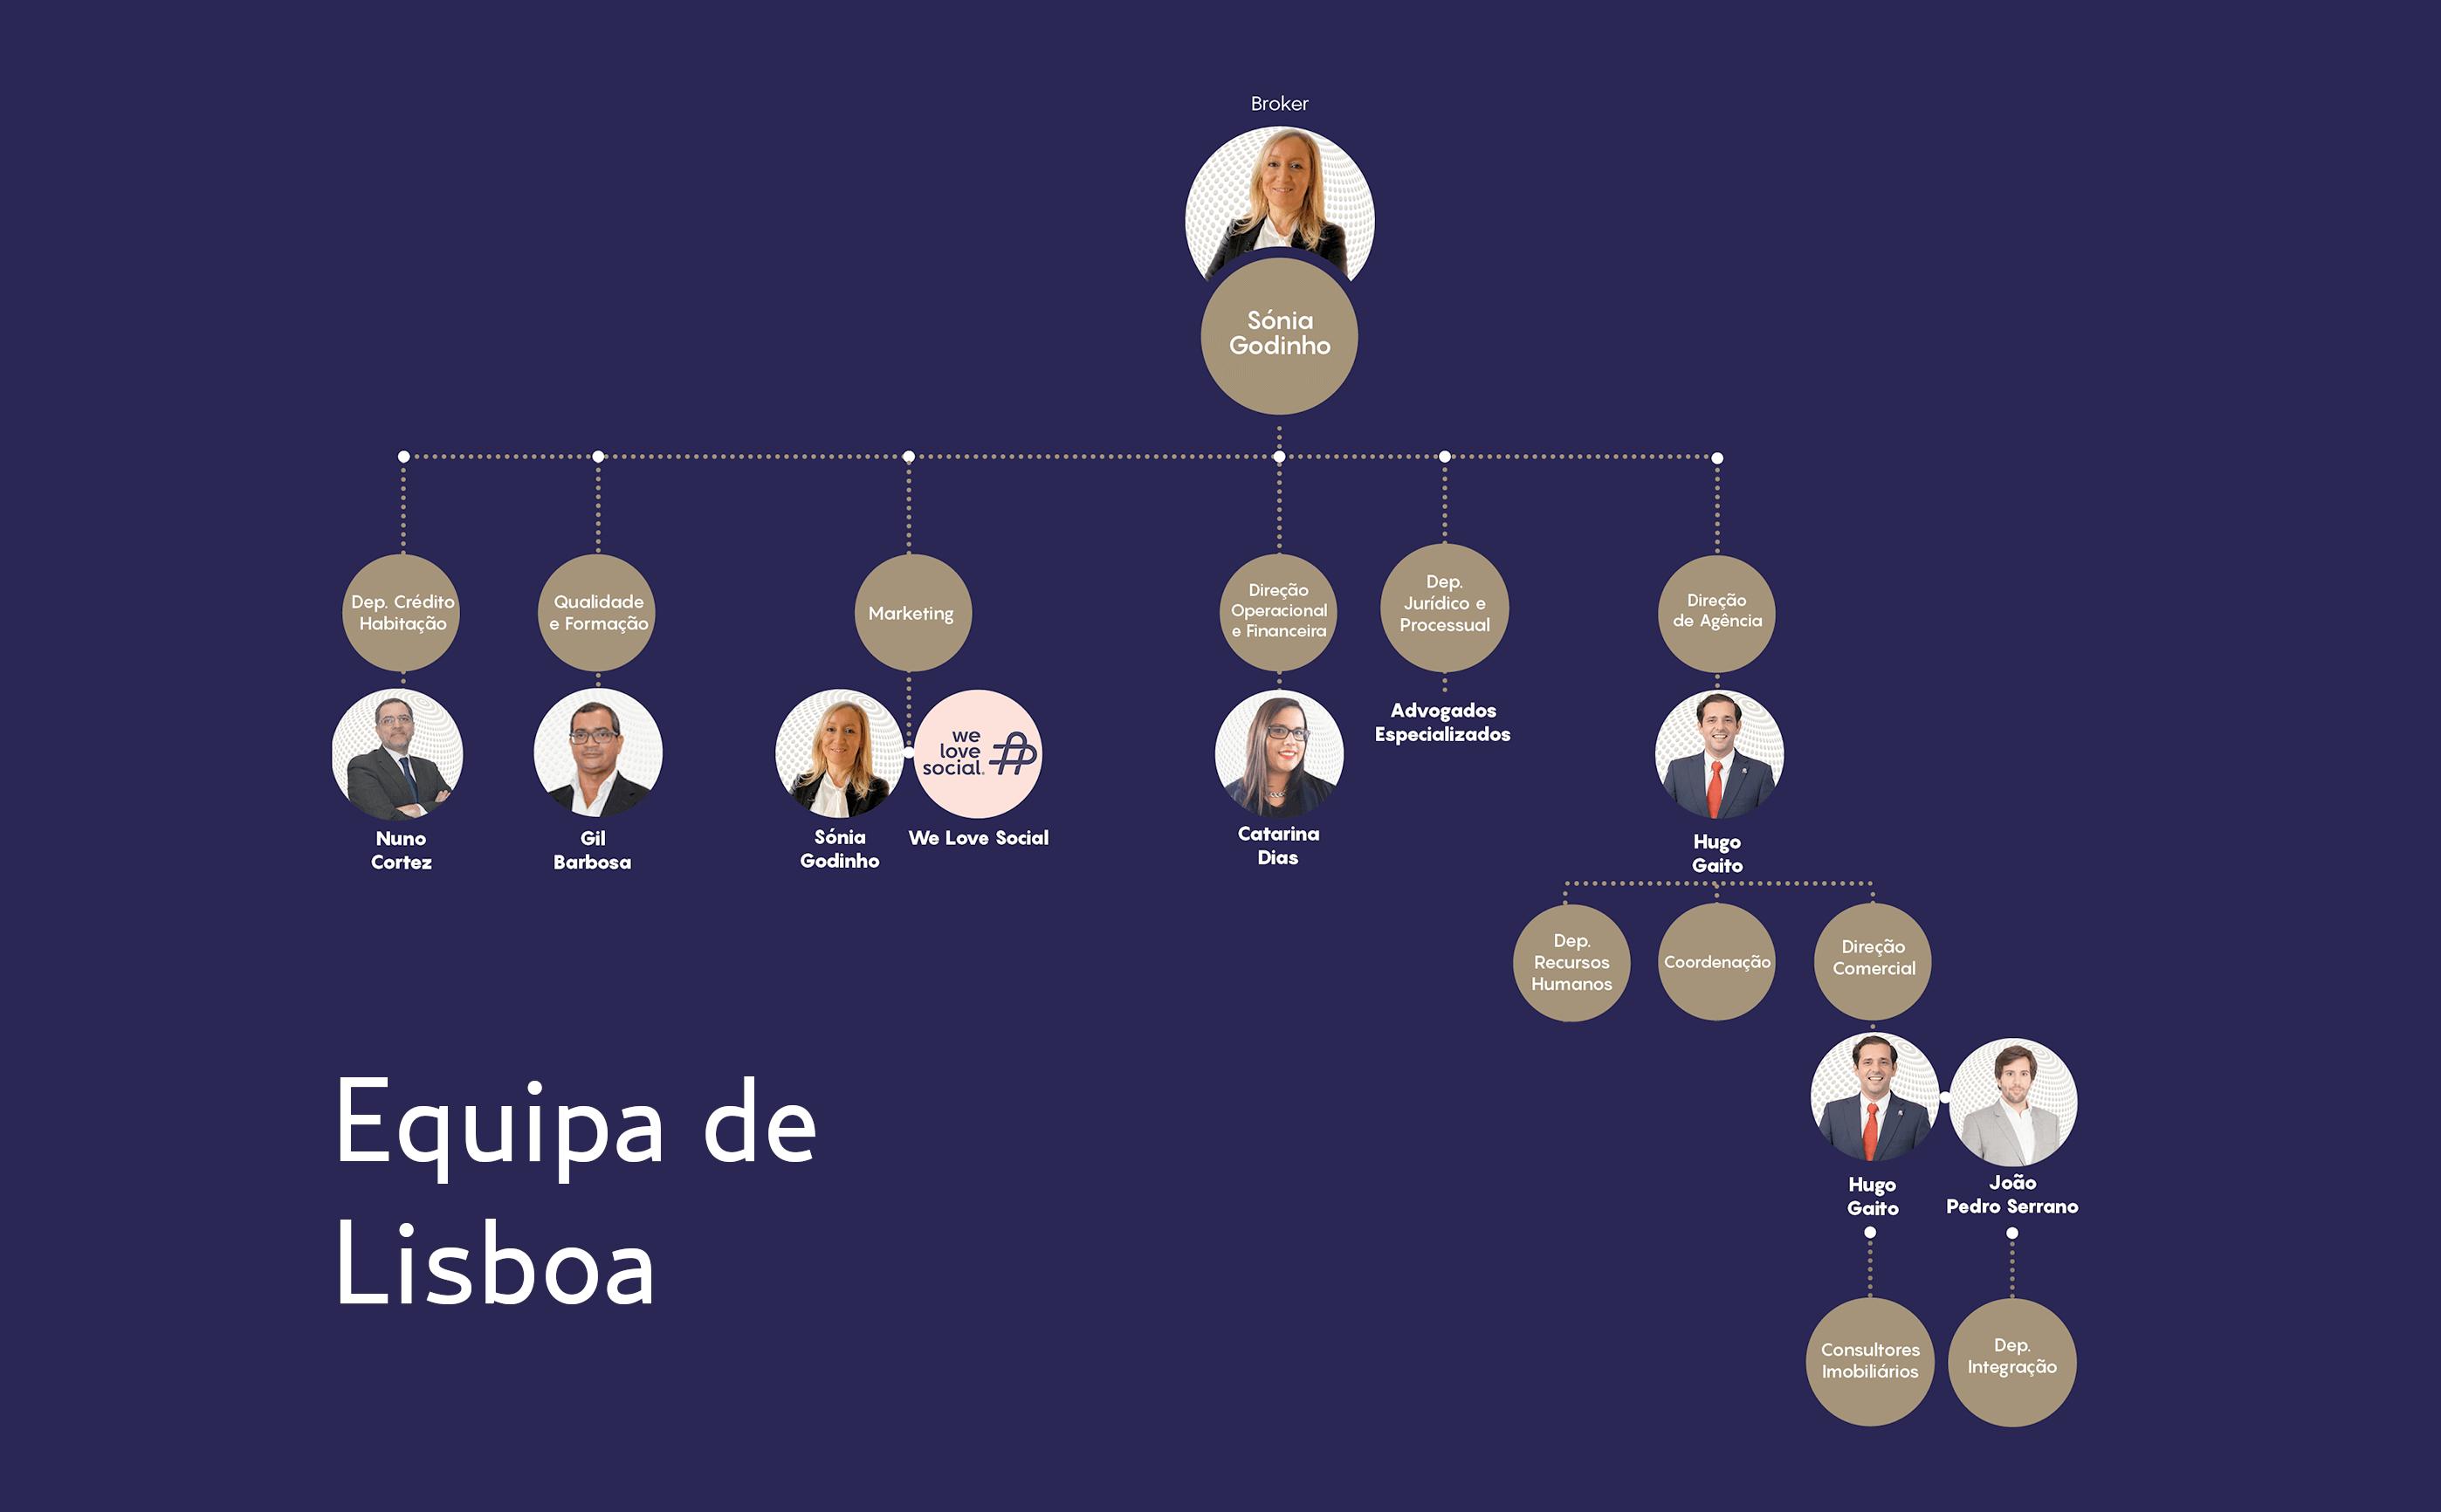 www-organigrama-lisboa